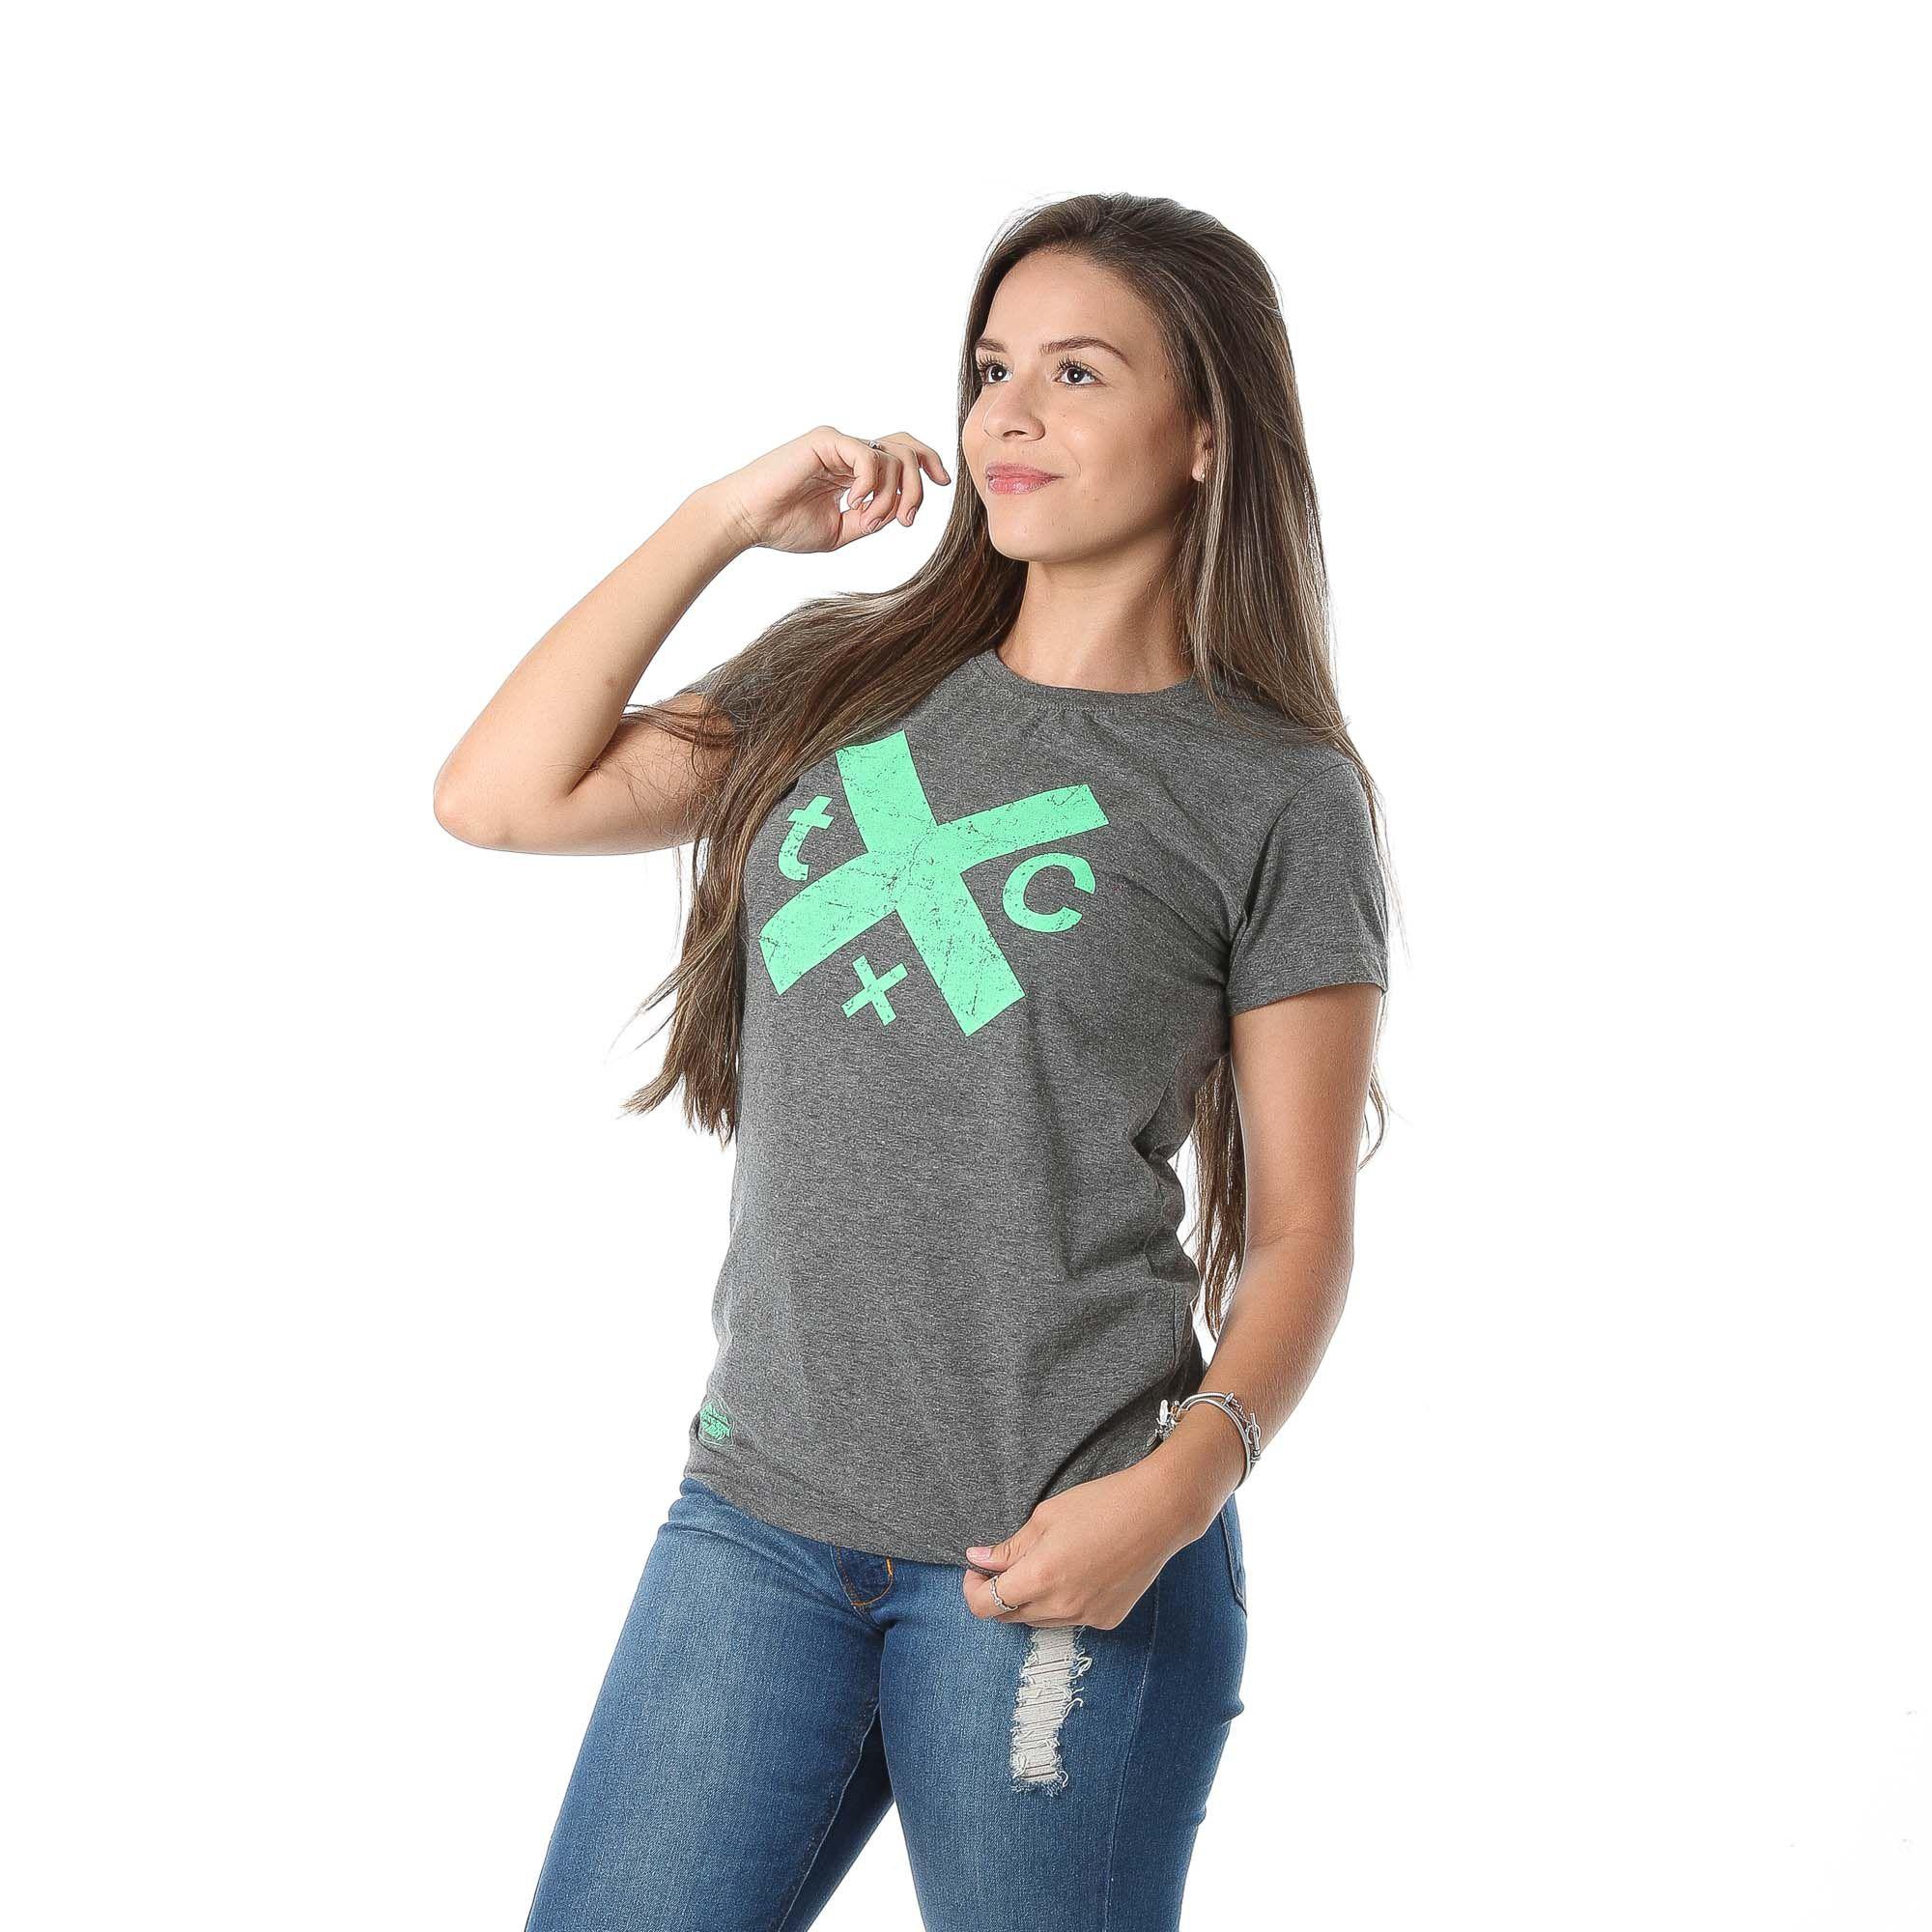 Camiseta TXC Brand 4350